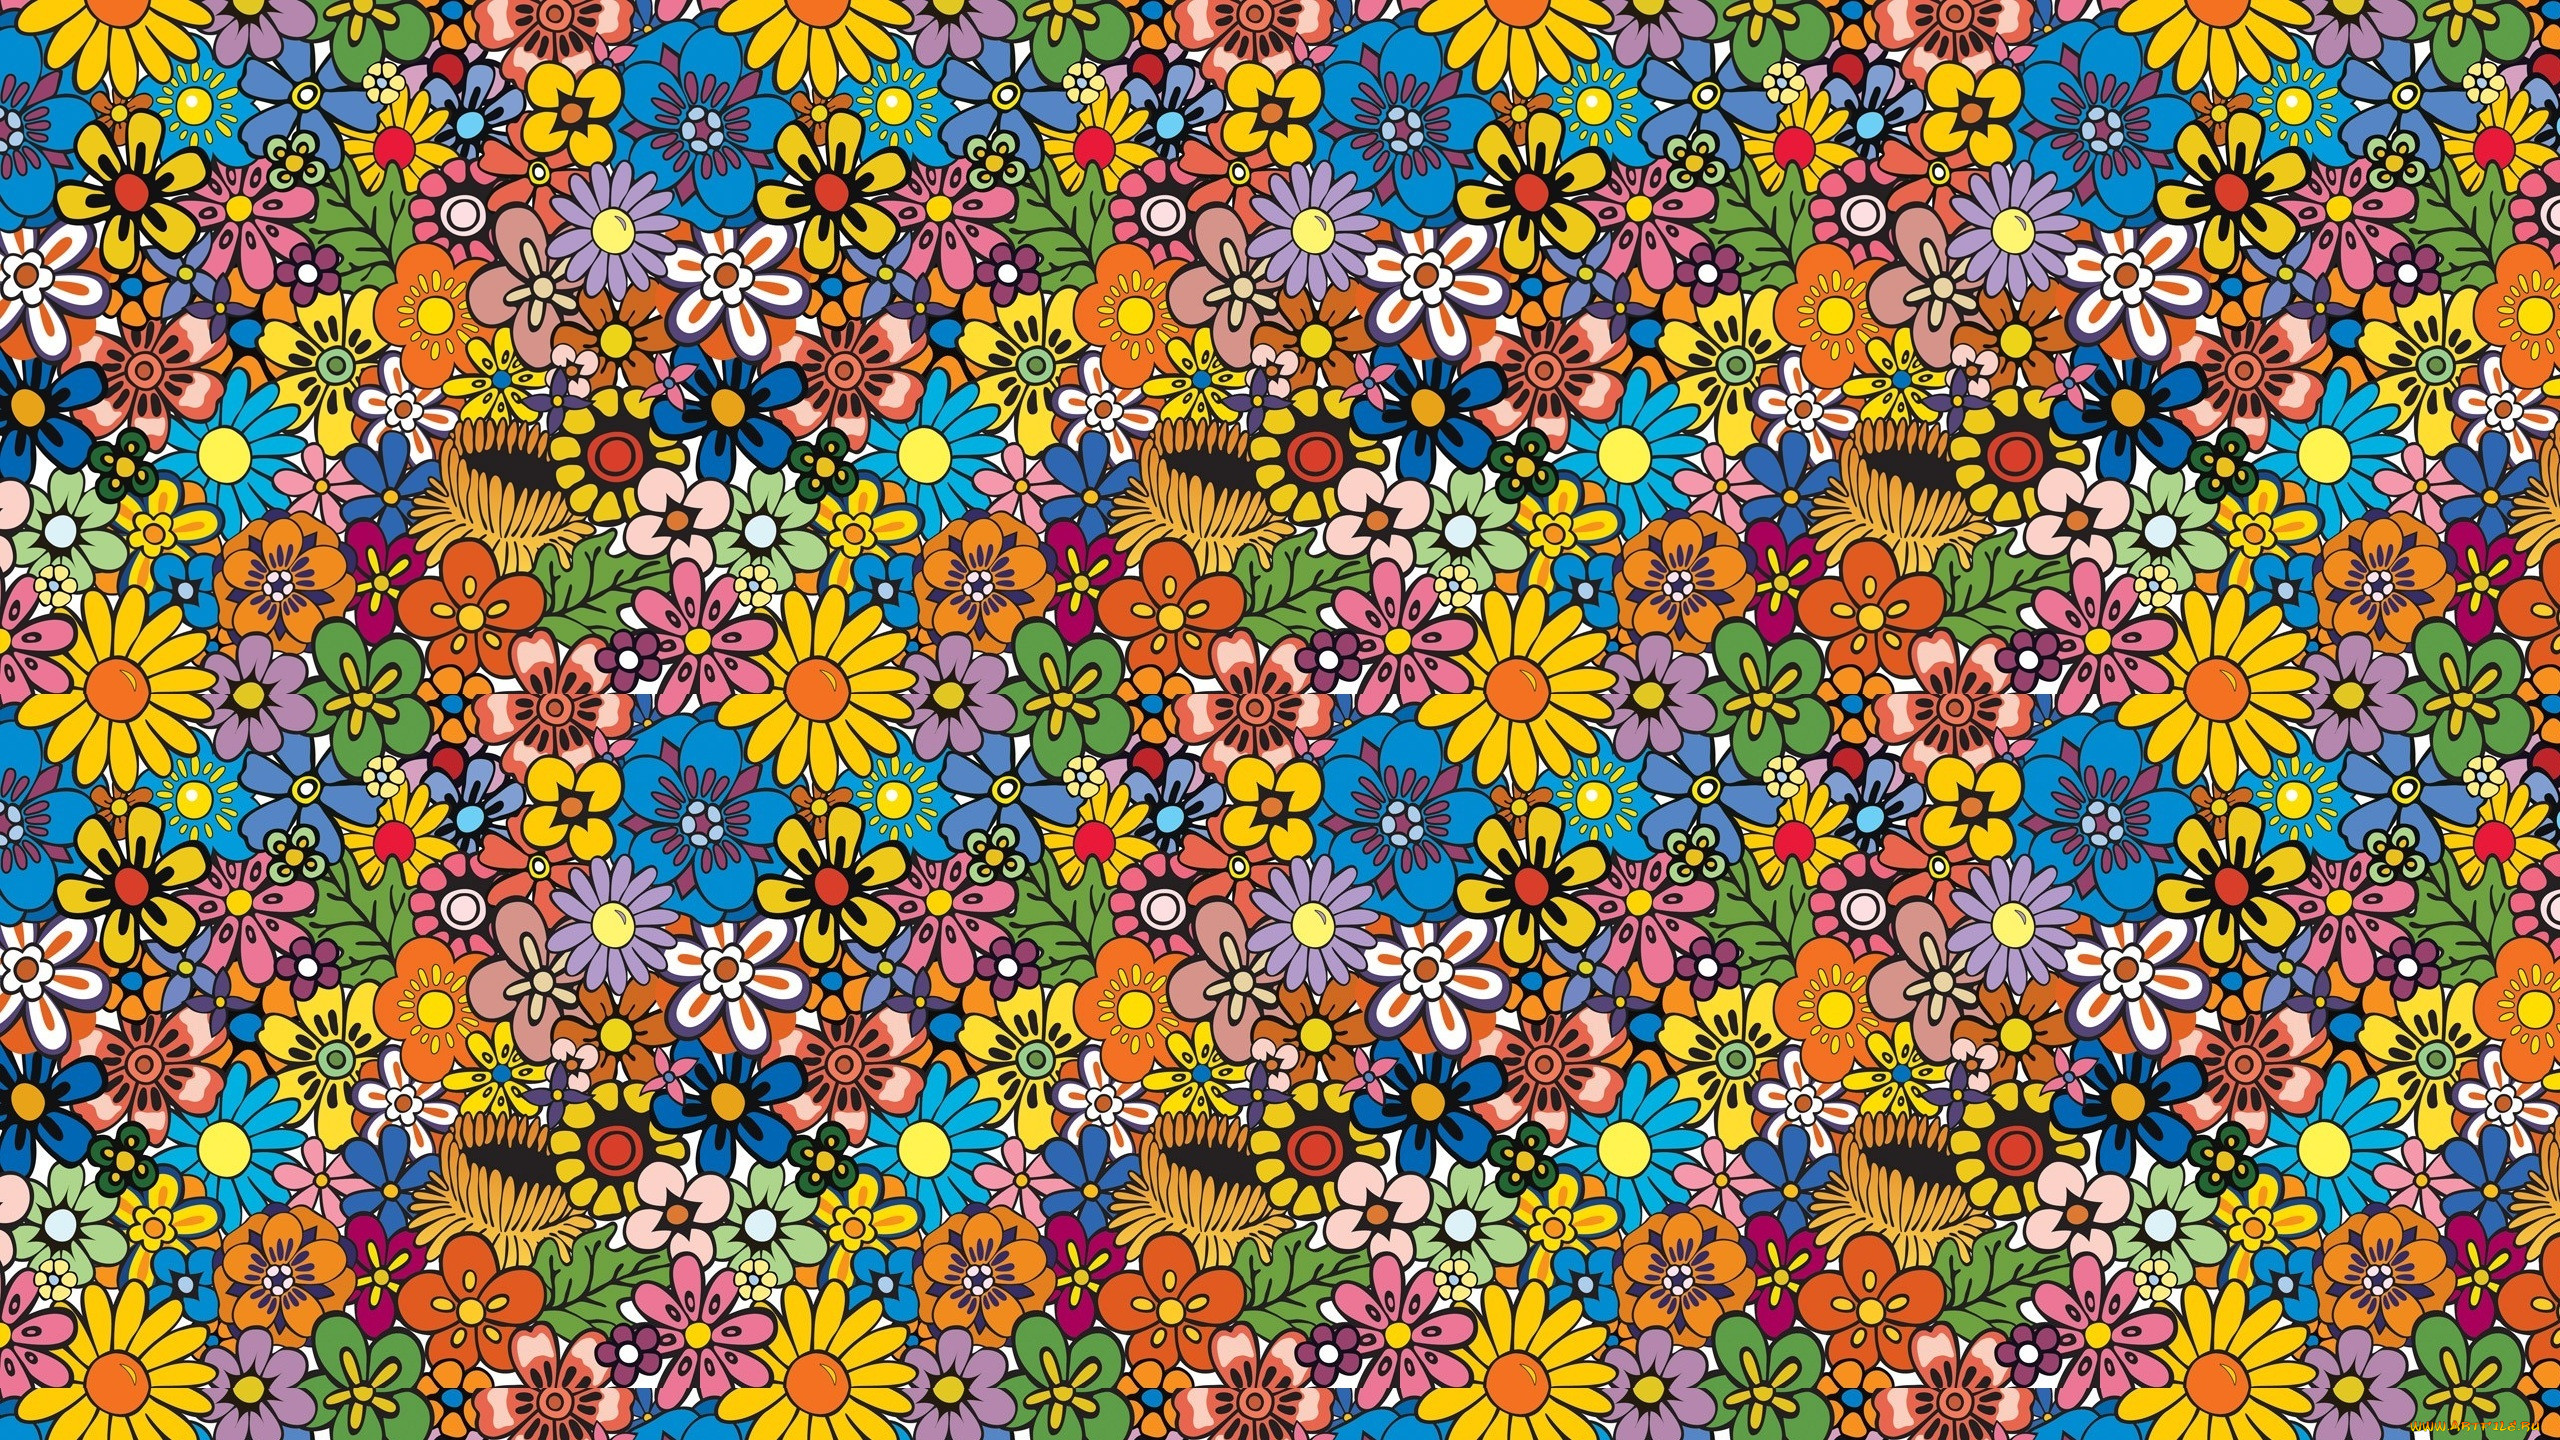 Картинка с мелкими цветочками